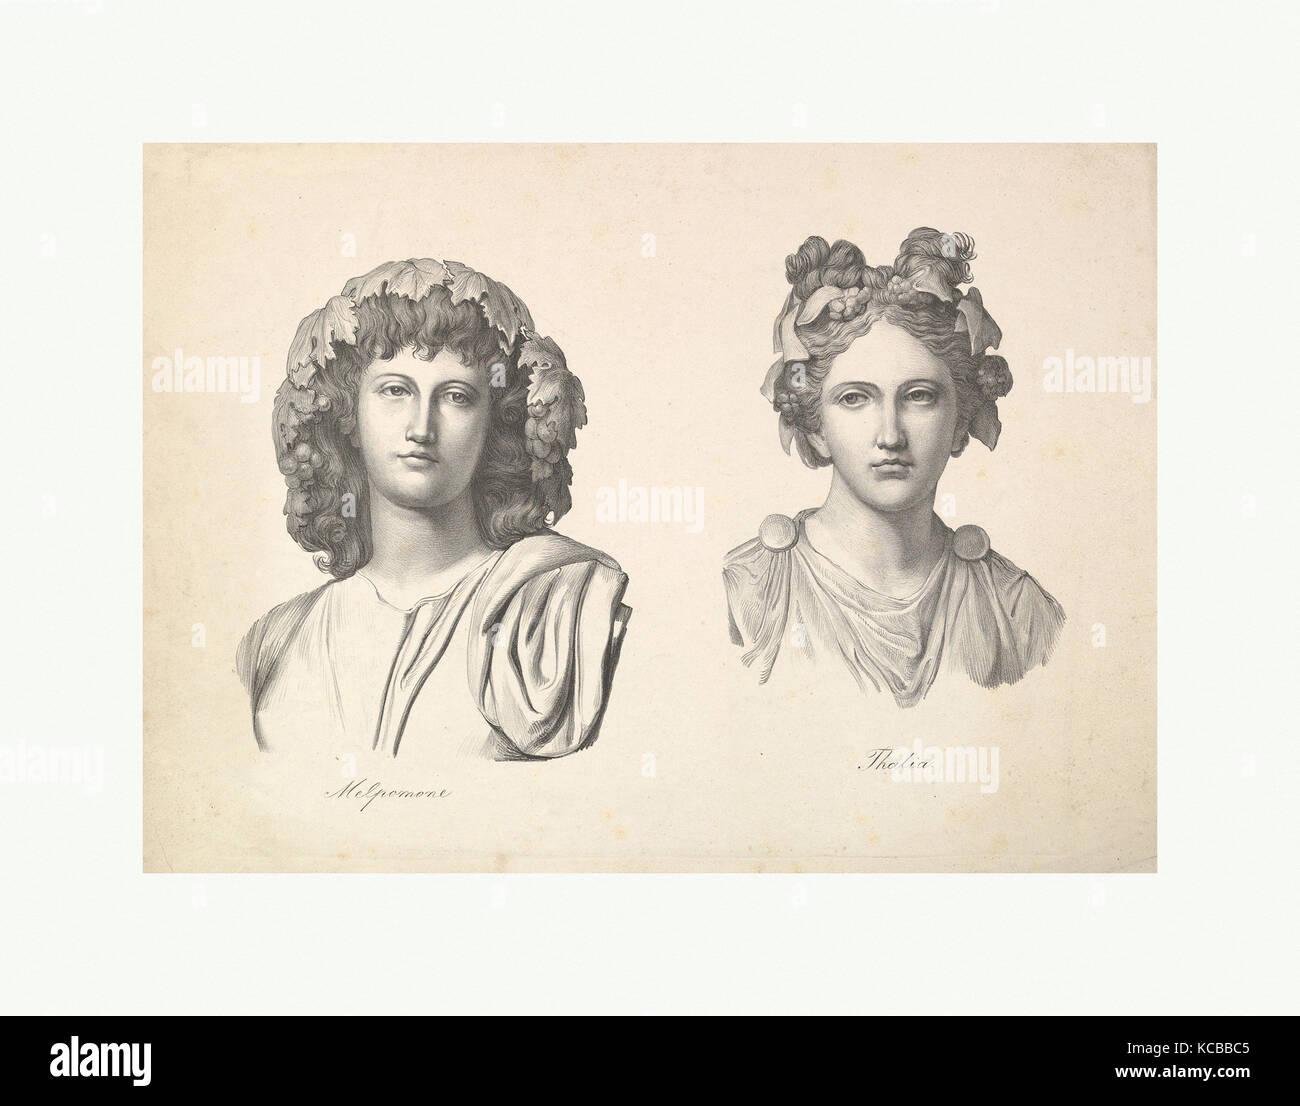 Melpomene y Thalia, Johann Gottfried Schadow, 1823-26 Foto de stock